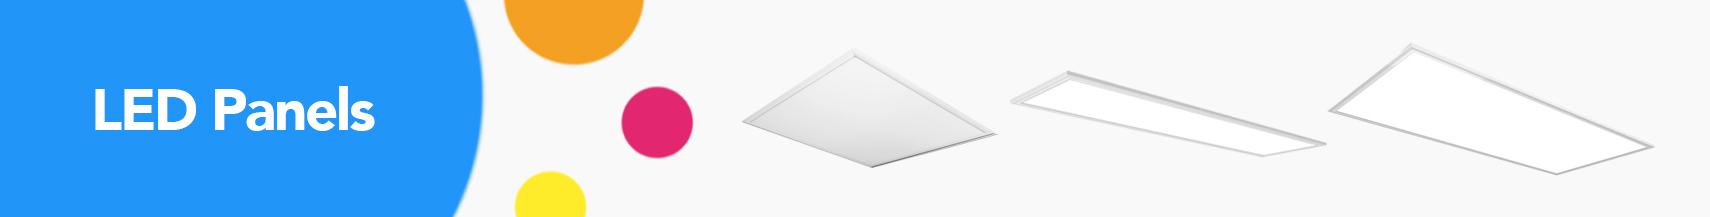 led_panels